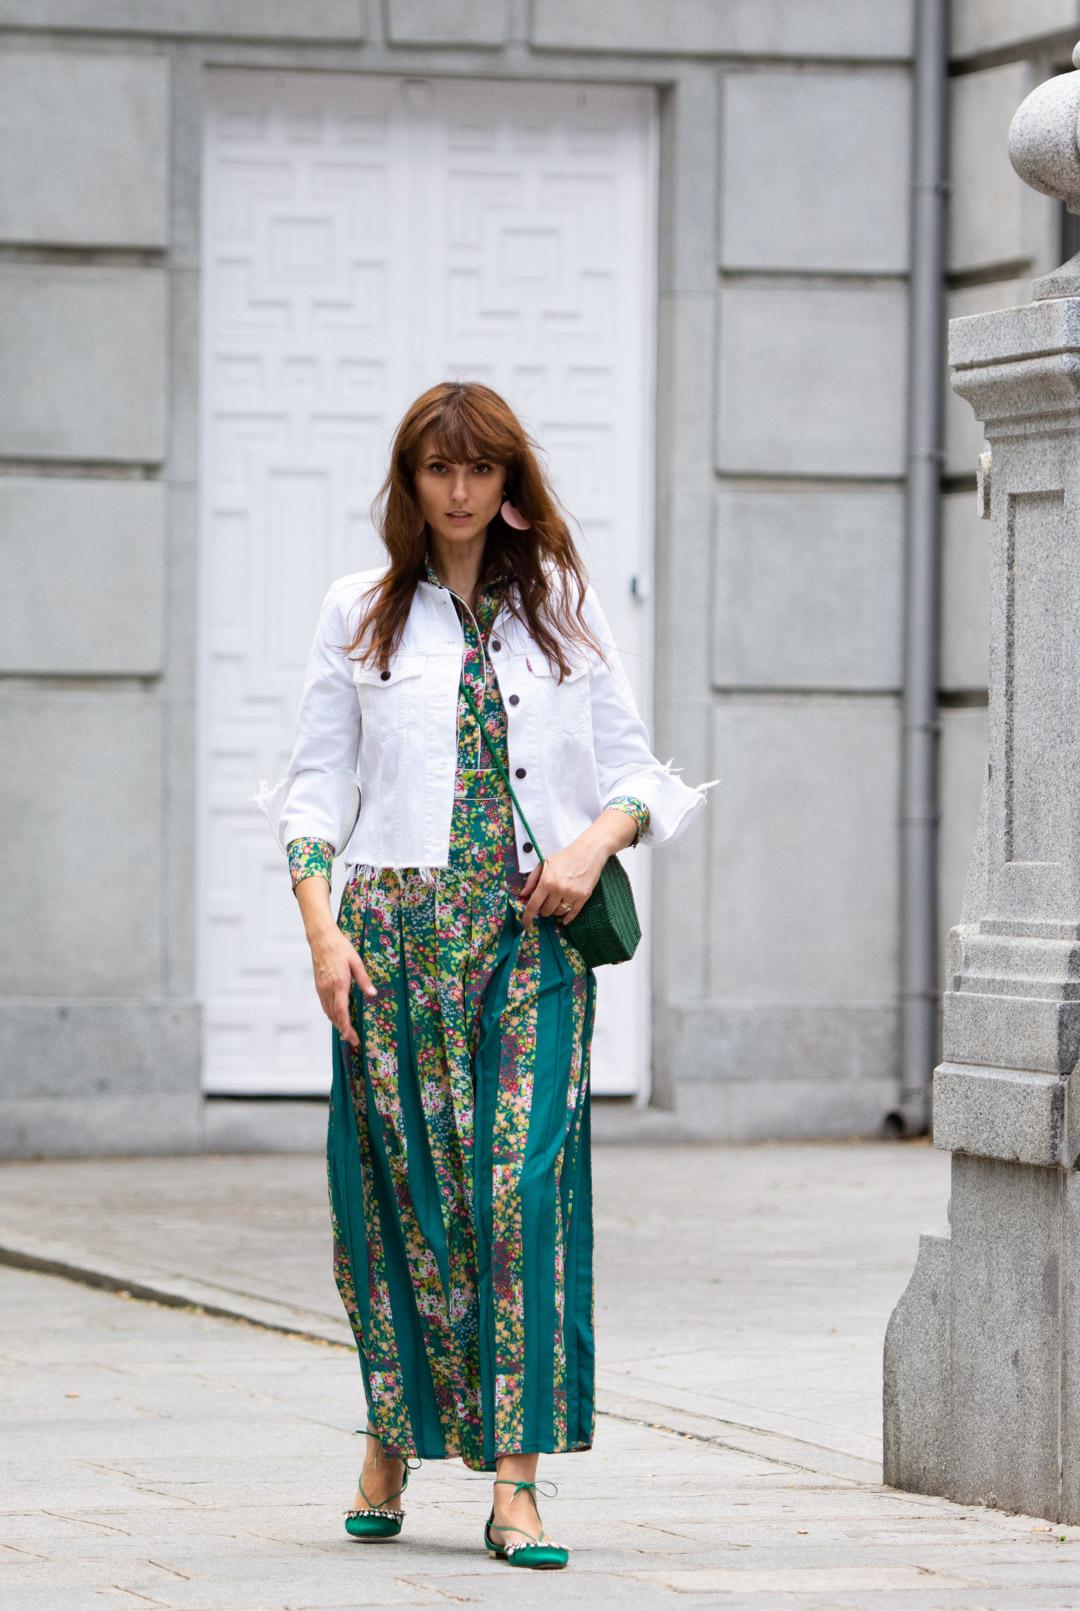 vestido-verde-street-style-mayte-de-la-iglesia-web-03